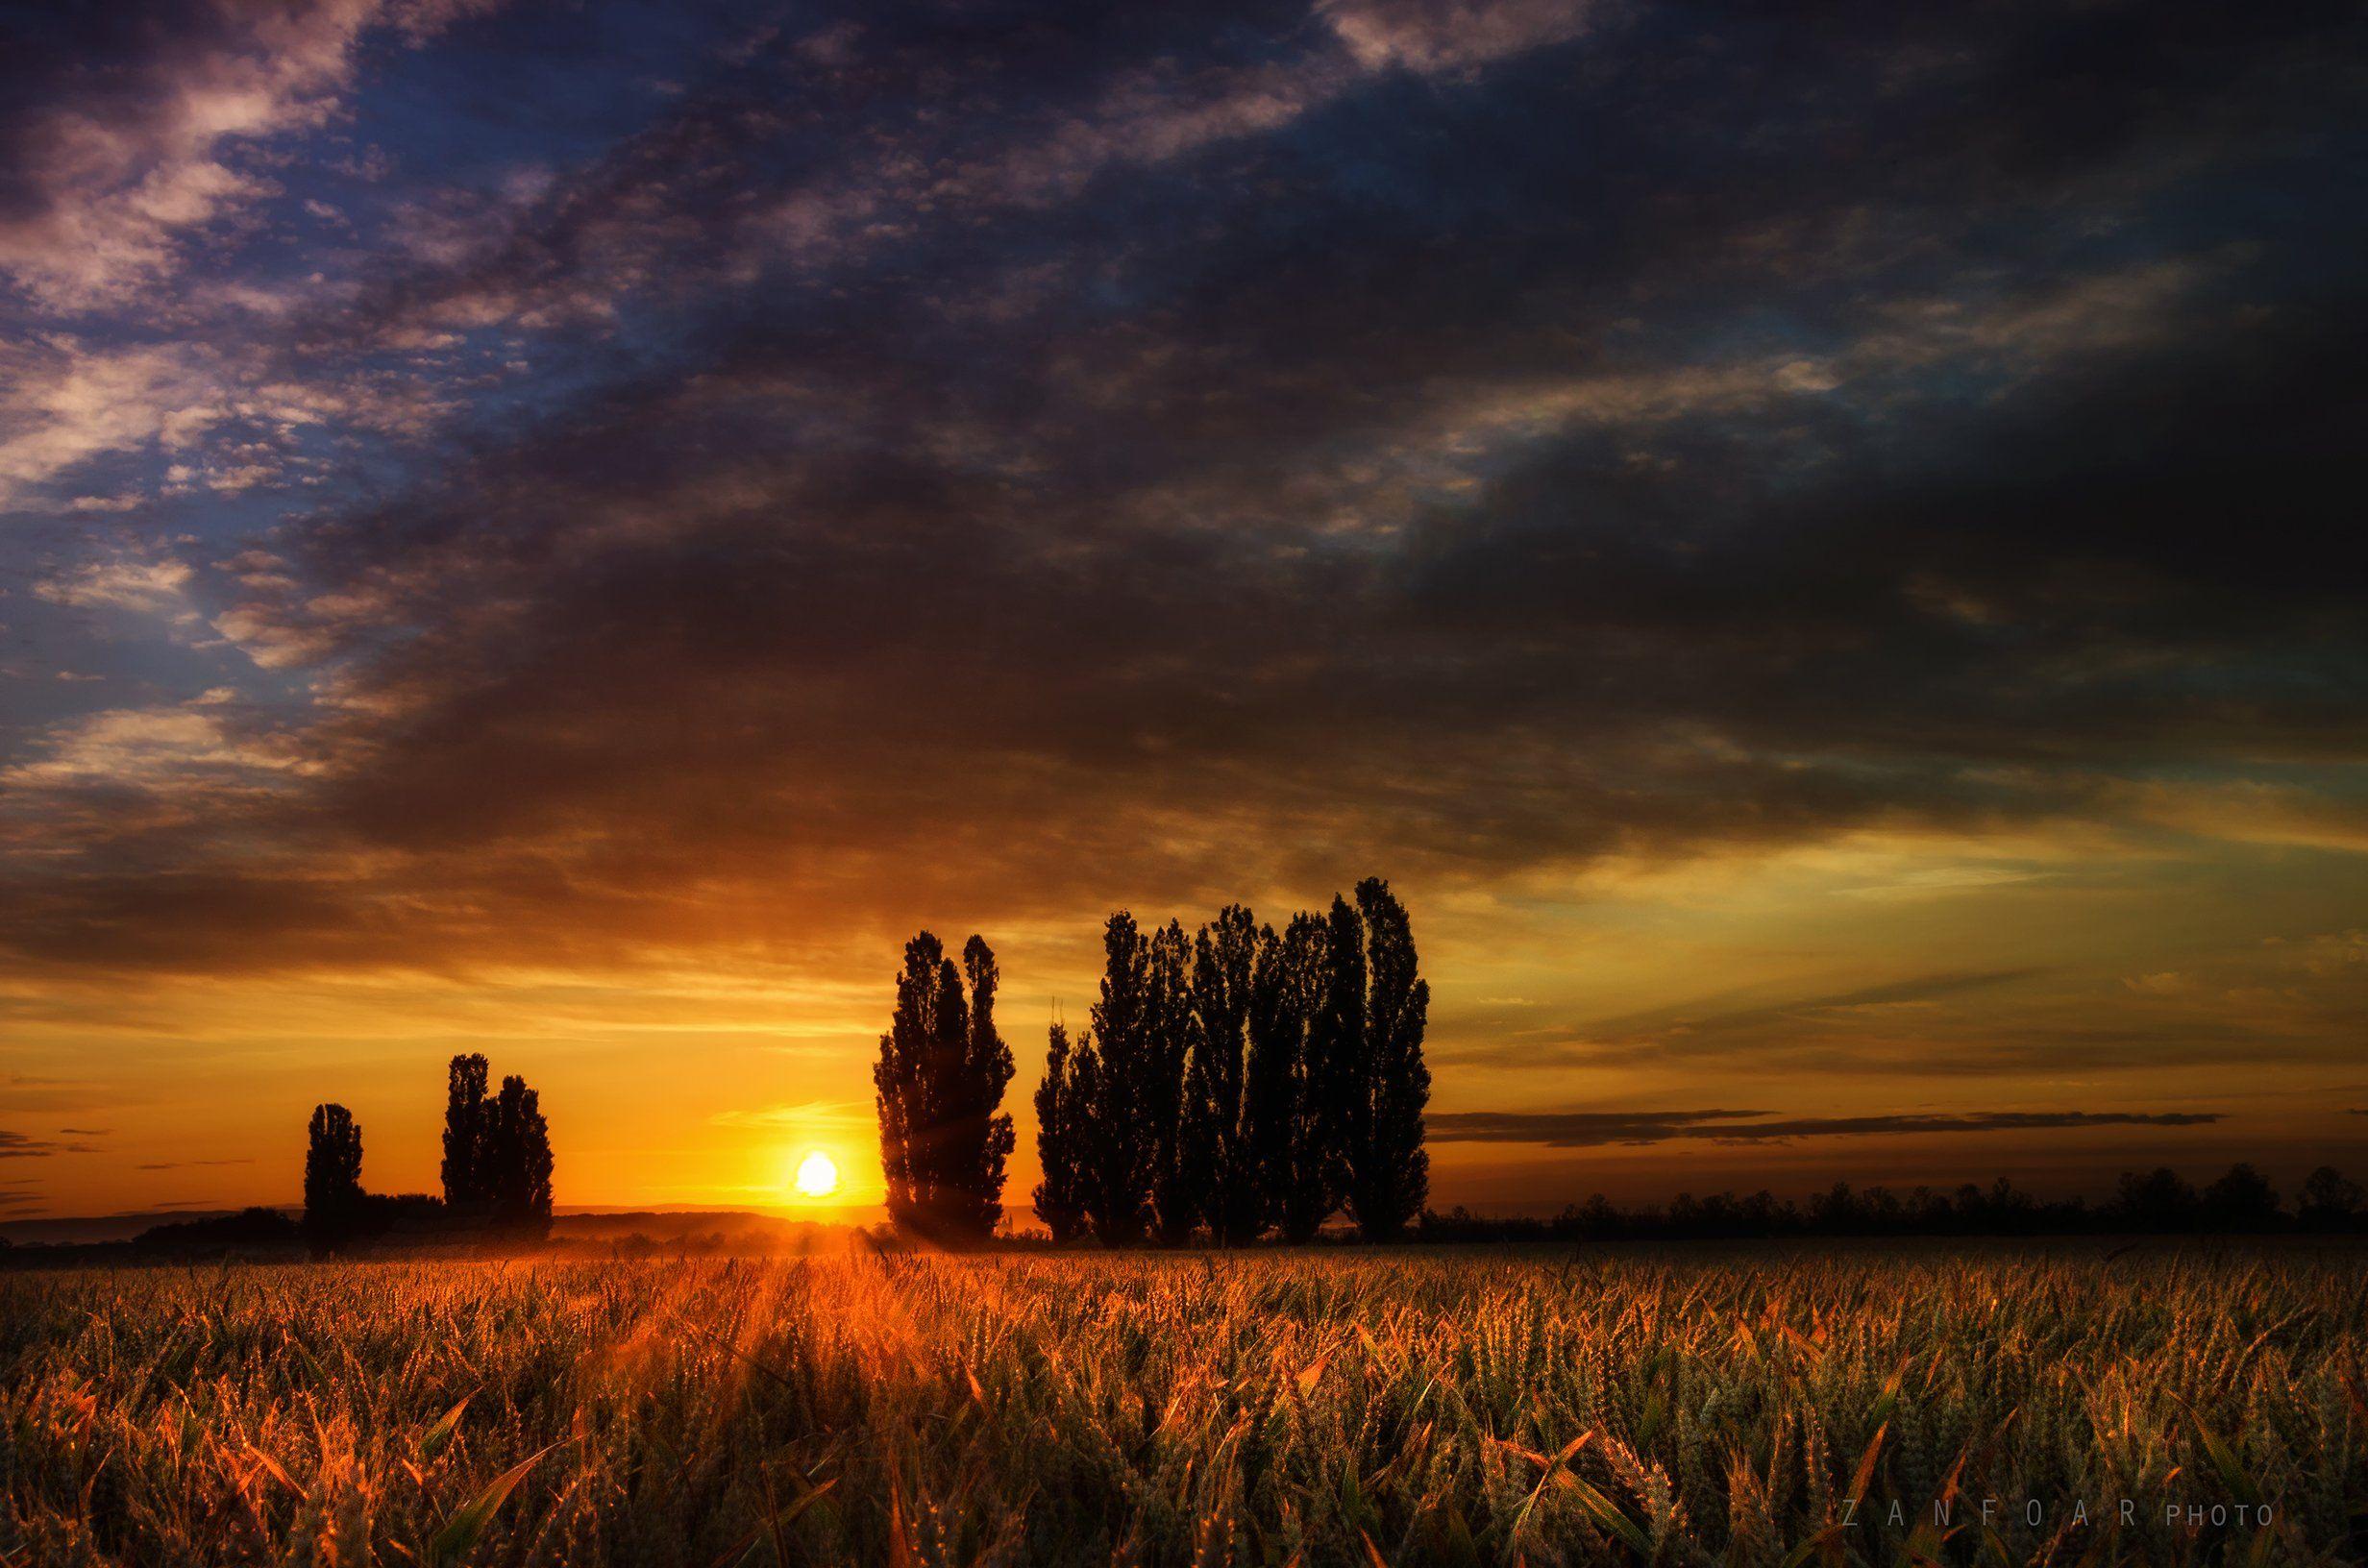 тополя, пейзаж, поле, природа, рассвет, зерно, лето, лучи, деревья, уши, zanfoar, чешская республика, nikon d7000, Zanfoar